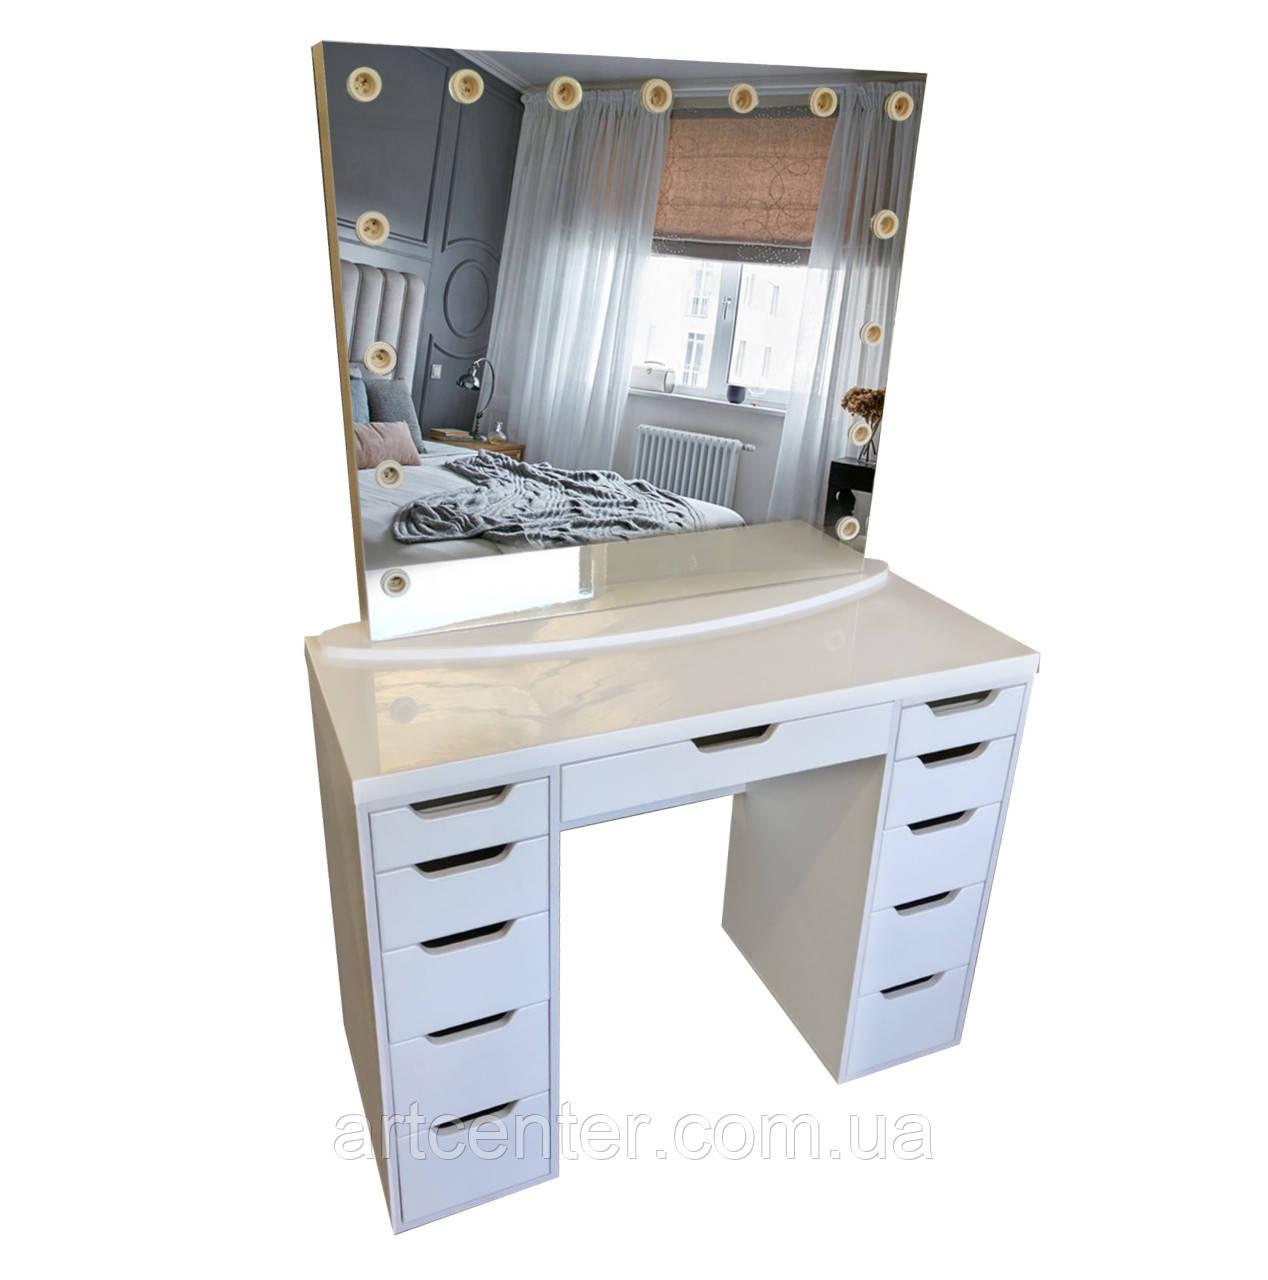 Стіл для візажиста, туалетний столик, гримерный столик з ящиками